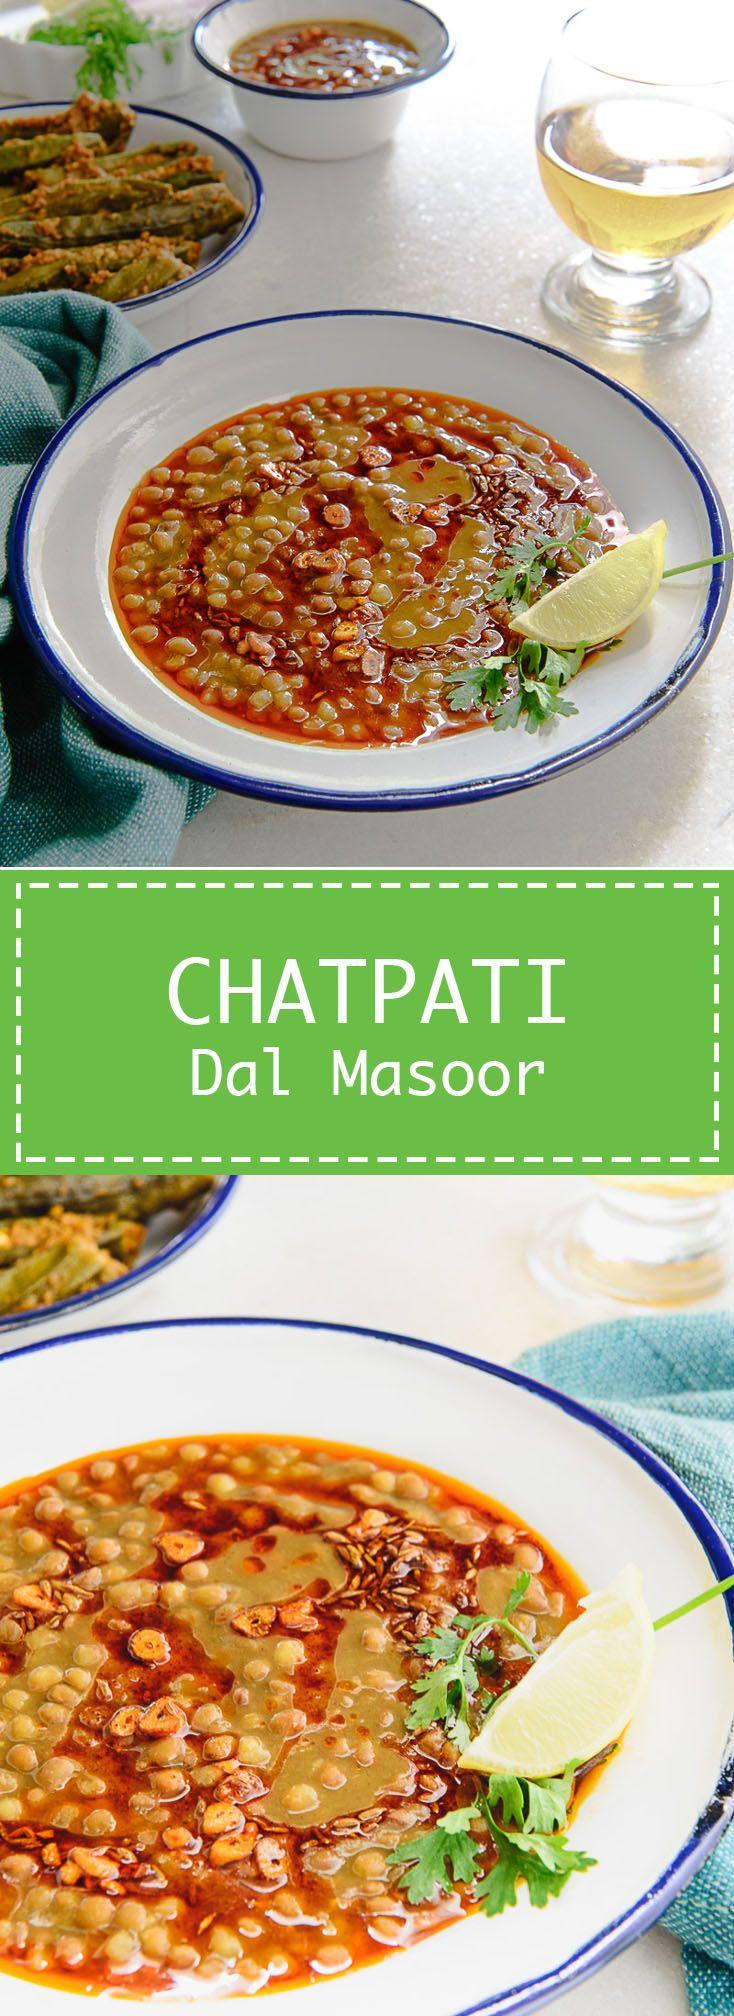 Chatpati Dal Masoor | Rezept | Indische Küche, Indische und Vegetarisch